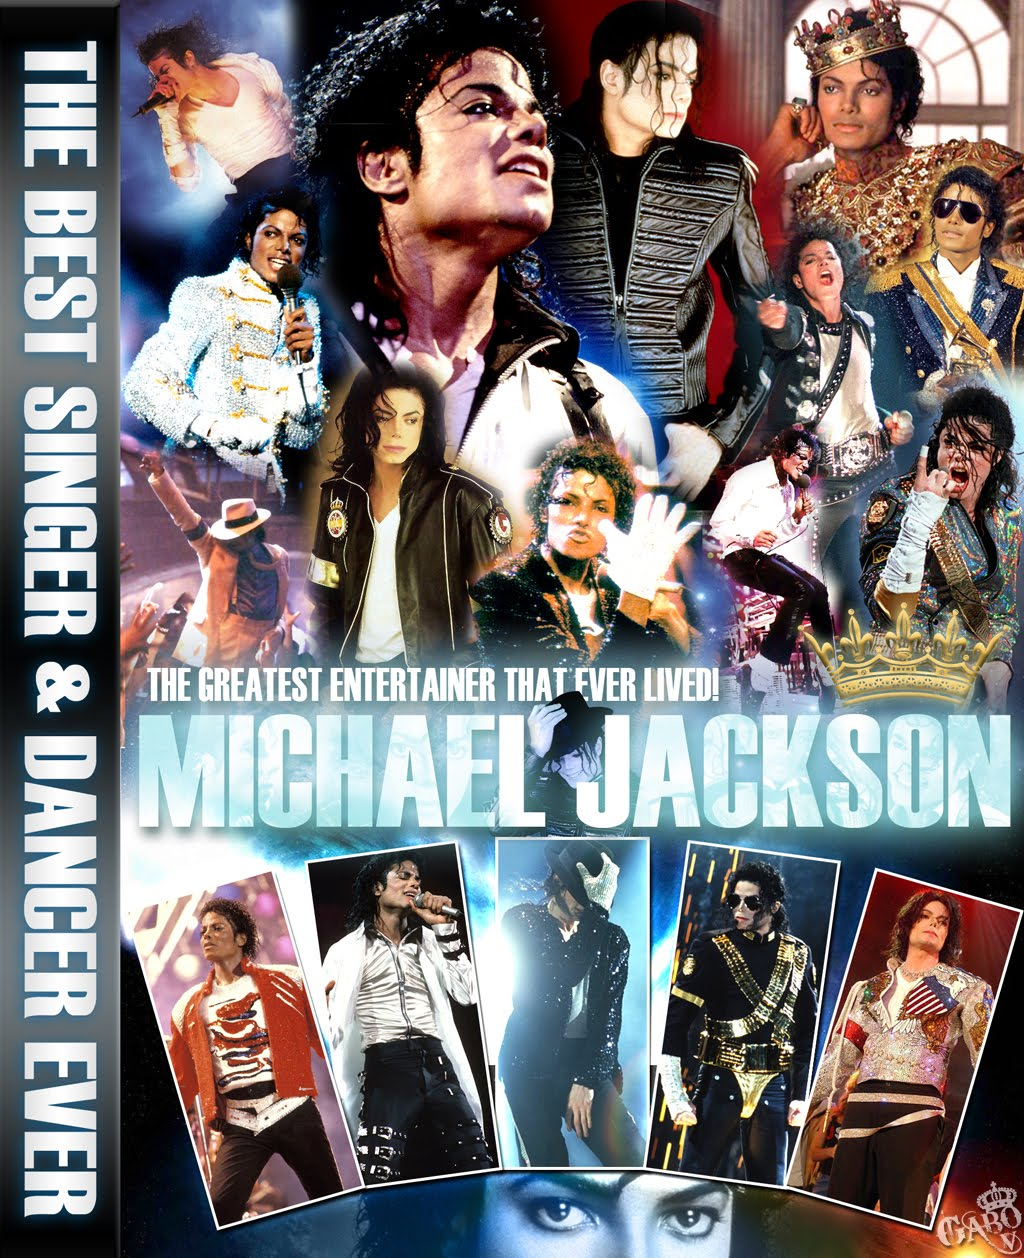 http://2.bp.blogspot.com/_dw7Qxscjgus/S7eKRtaSSUI/AAAAAAAAAGU/fjDXuTGJpsE/s1600/MJ+-+Best+Singer+%26+Dancer+Ever_By_Gabo_2010.jpg